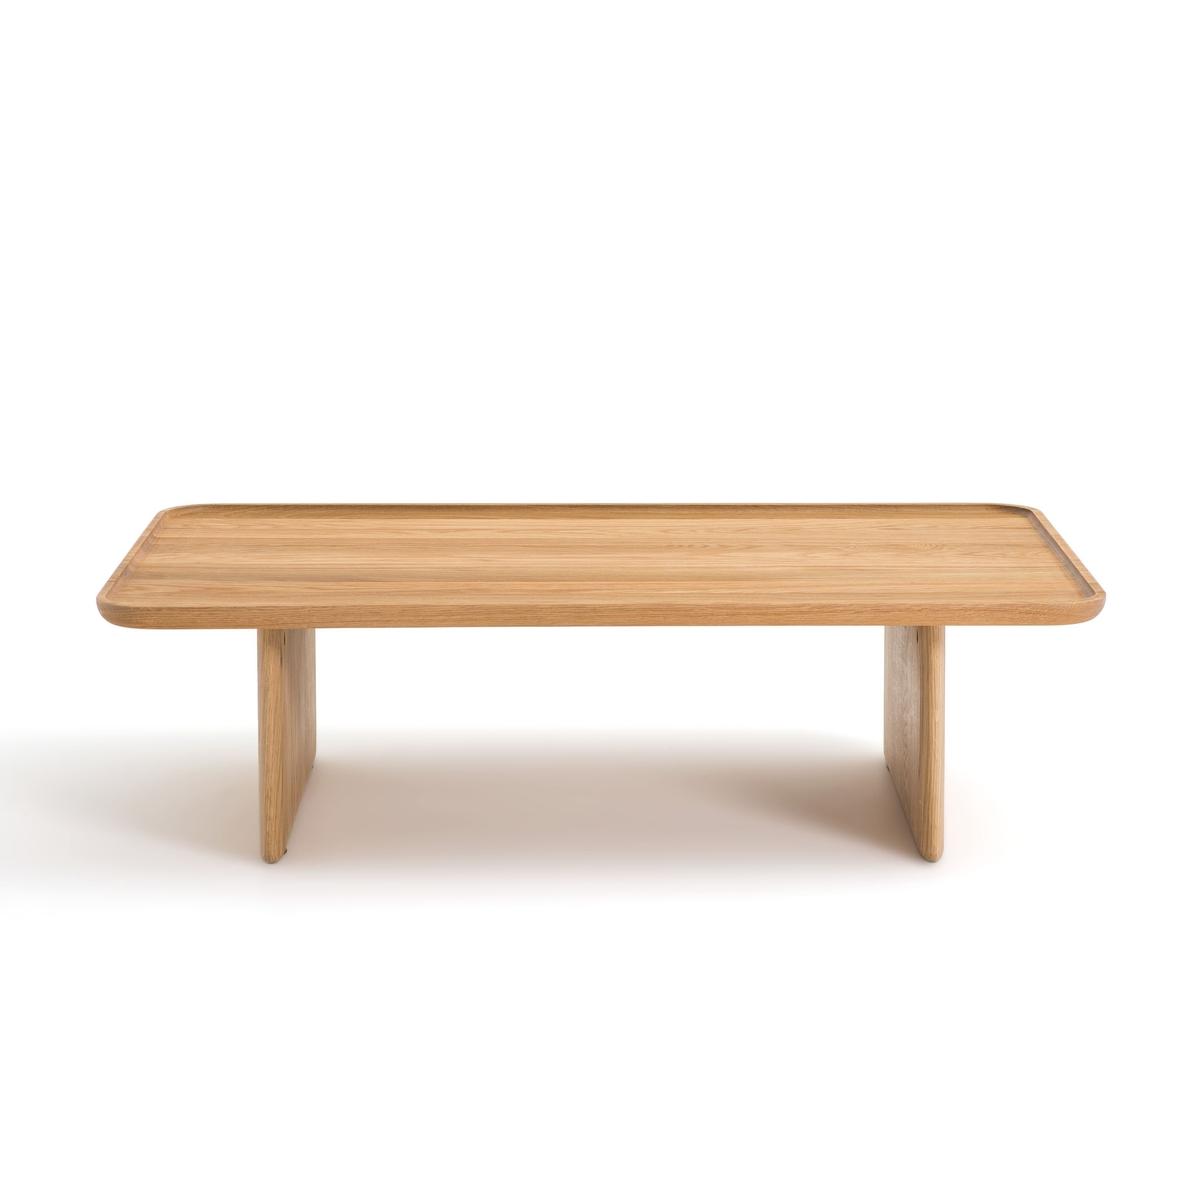 Стол La Redoute Журнальный из массива дуба Medito единый размер каштановый столик la redoute журнальный из массива дуба bregnac единый размер каштановый